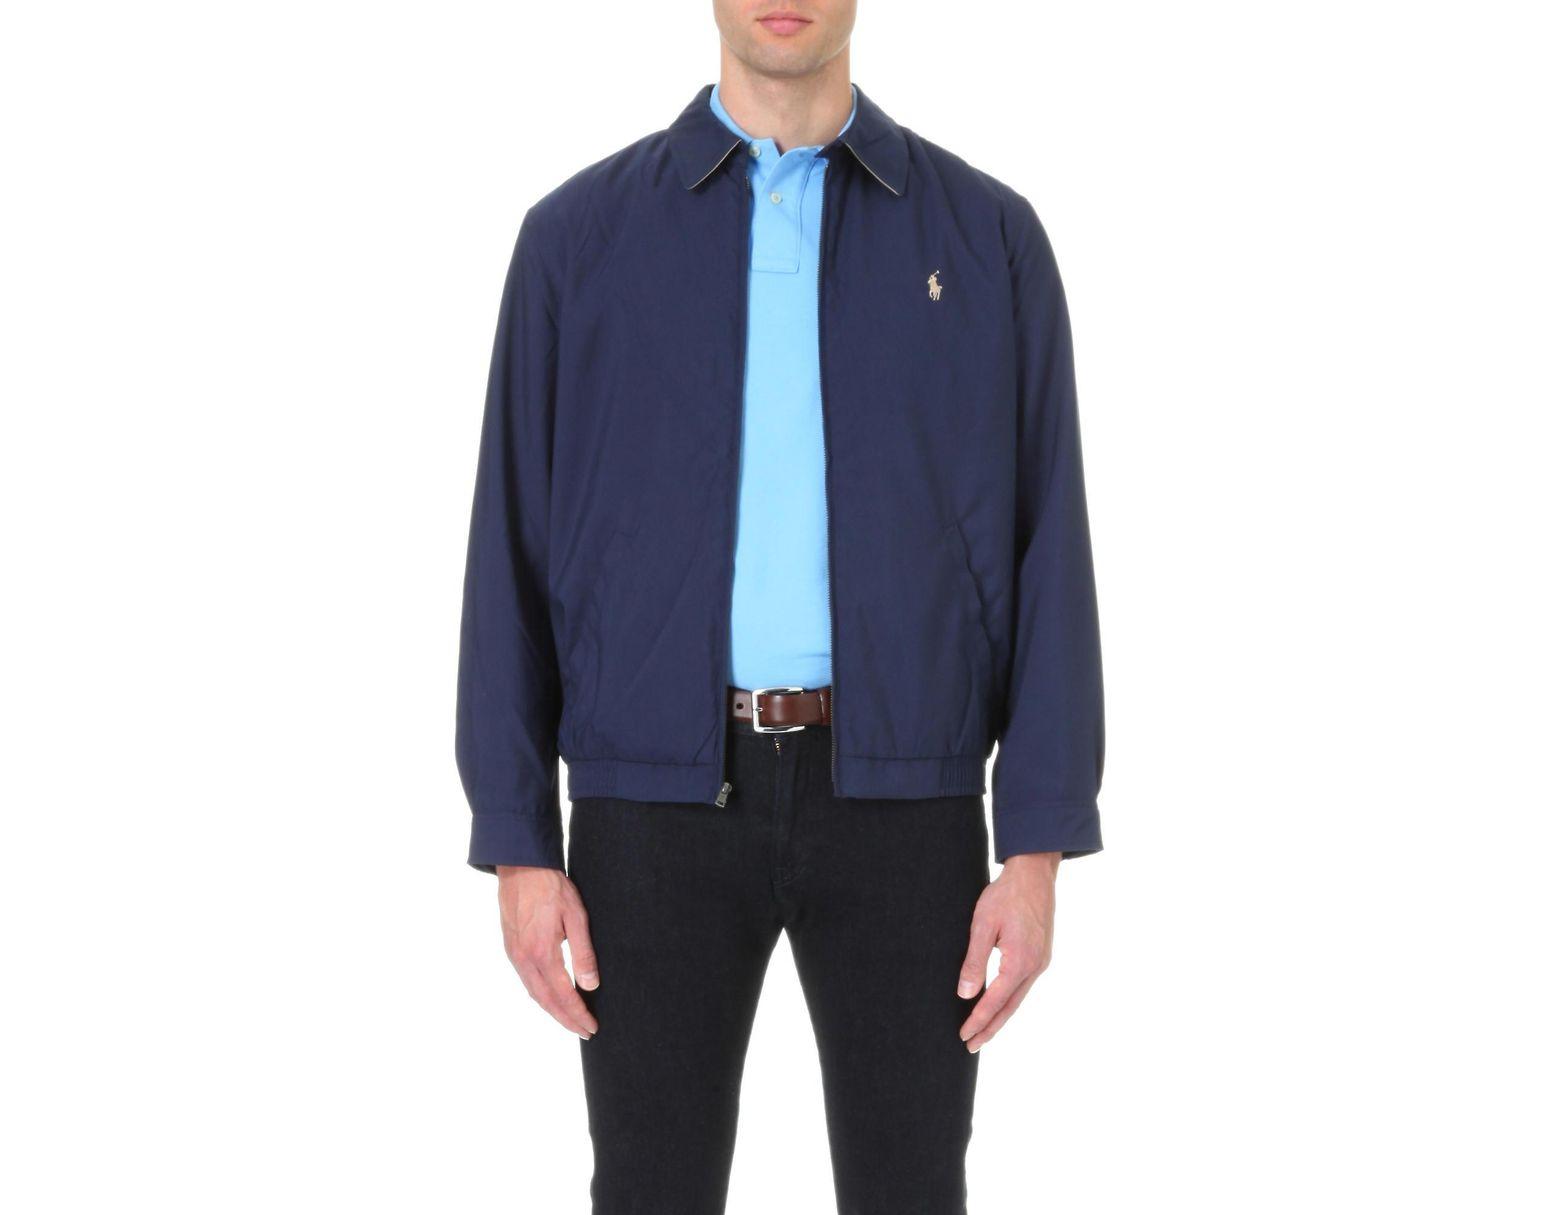 eaf3075e0 Men's Blue New Fit Bi-swing Windbreaker Jacket